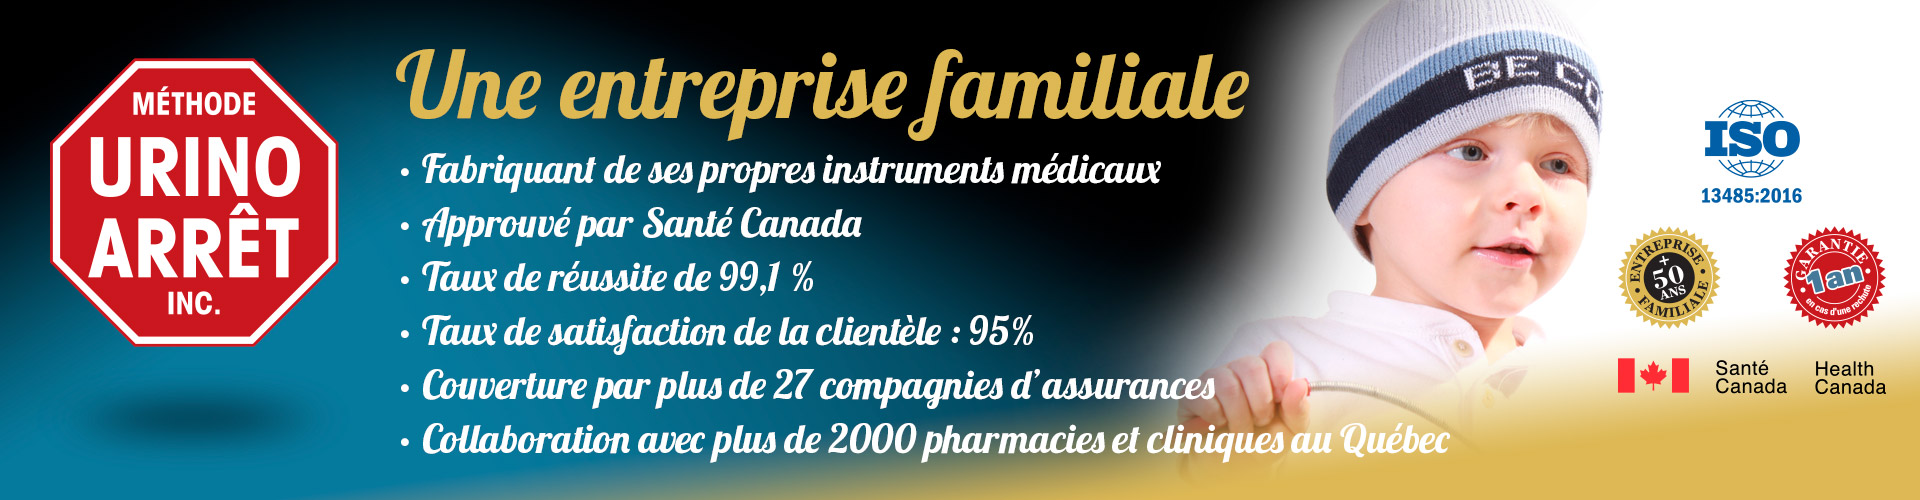 Profil de l'entreprise Méthode Urino-Arrêt, 99,1% d'efficacité, approuvé Santé Canada.